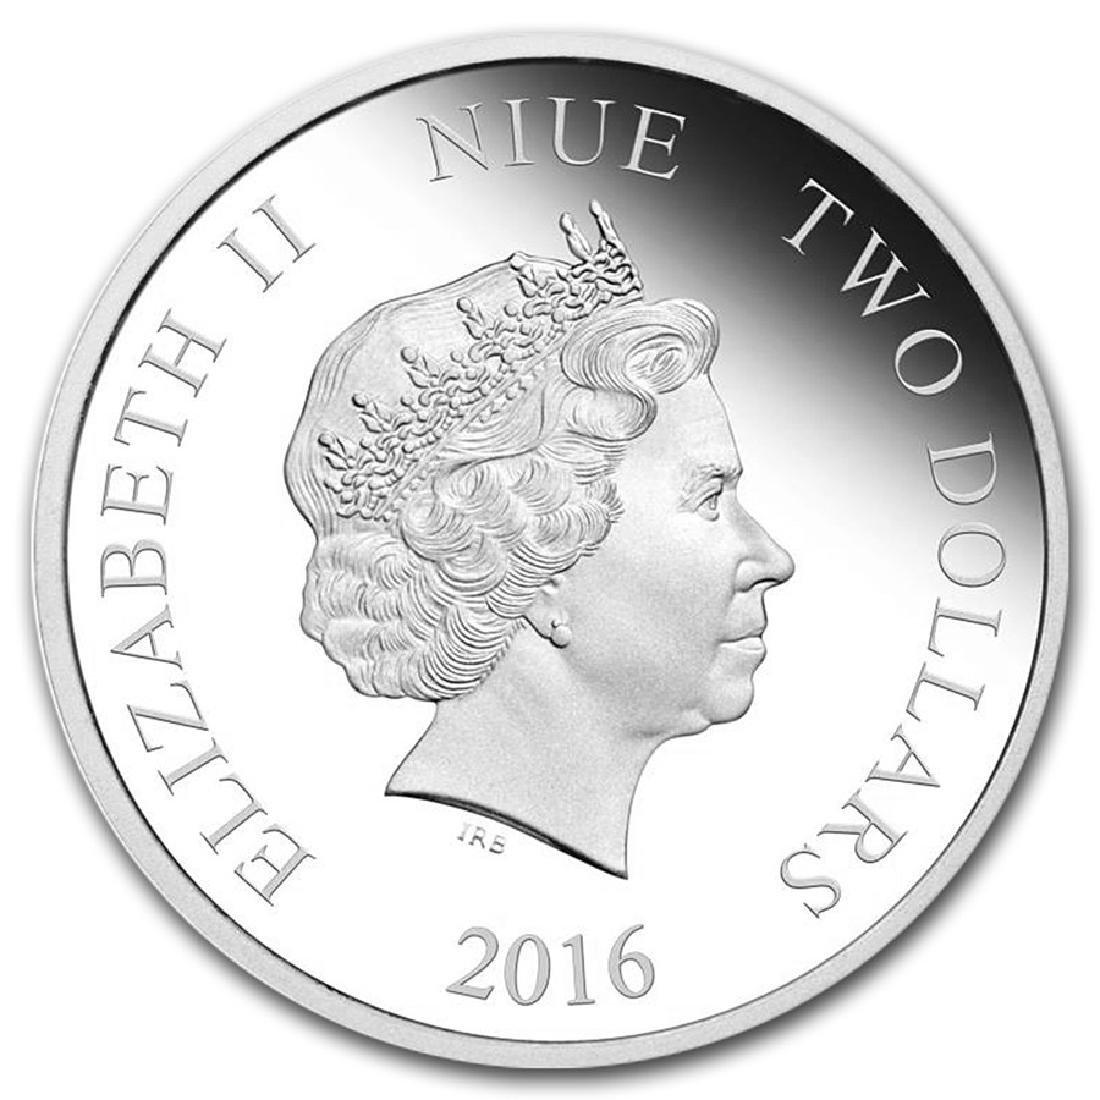 2016 $2 Disney Frozen Olaf Niue Silver Coin - 2